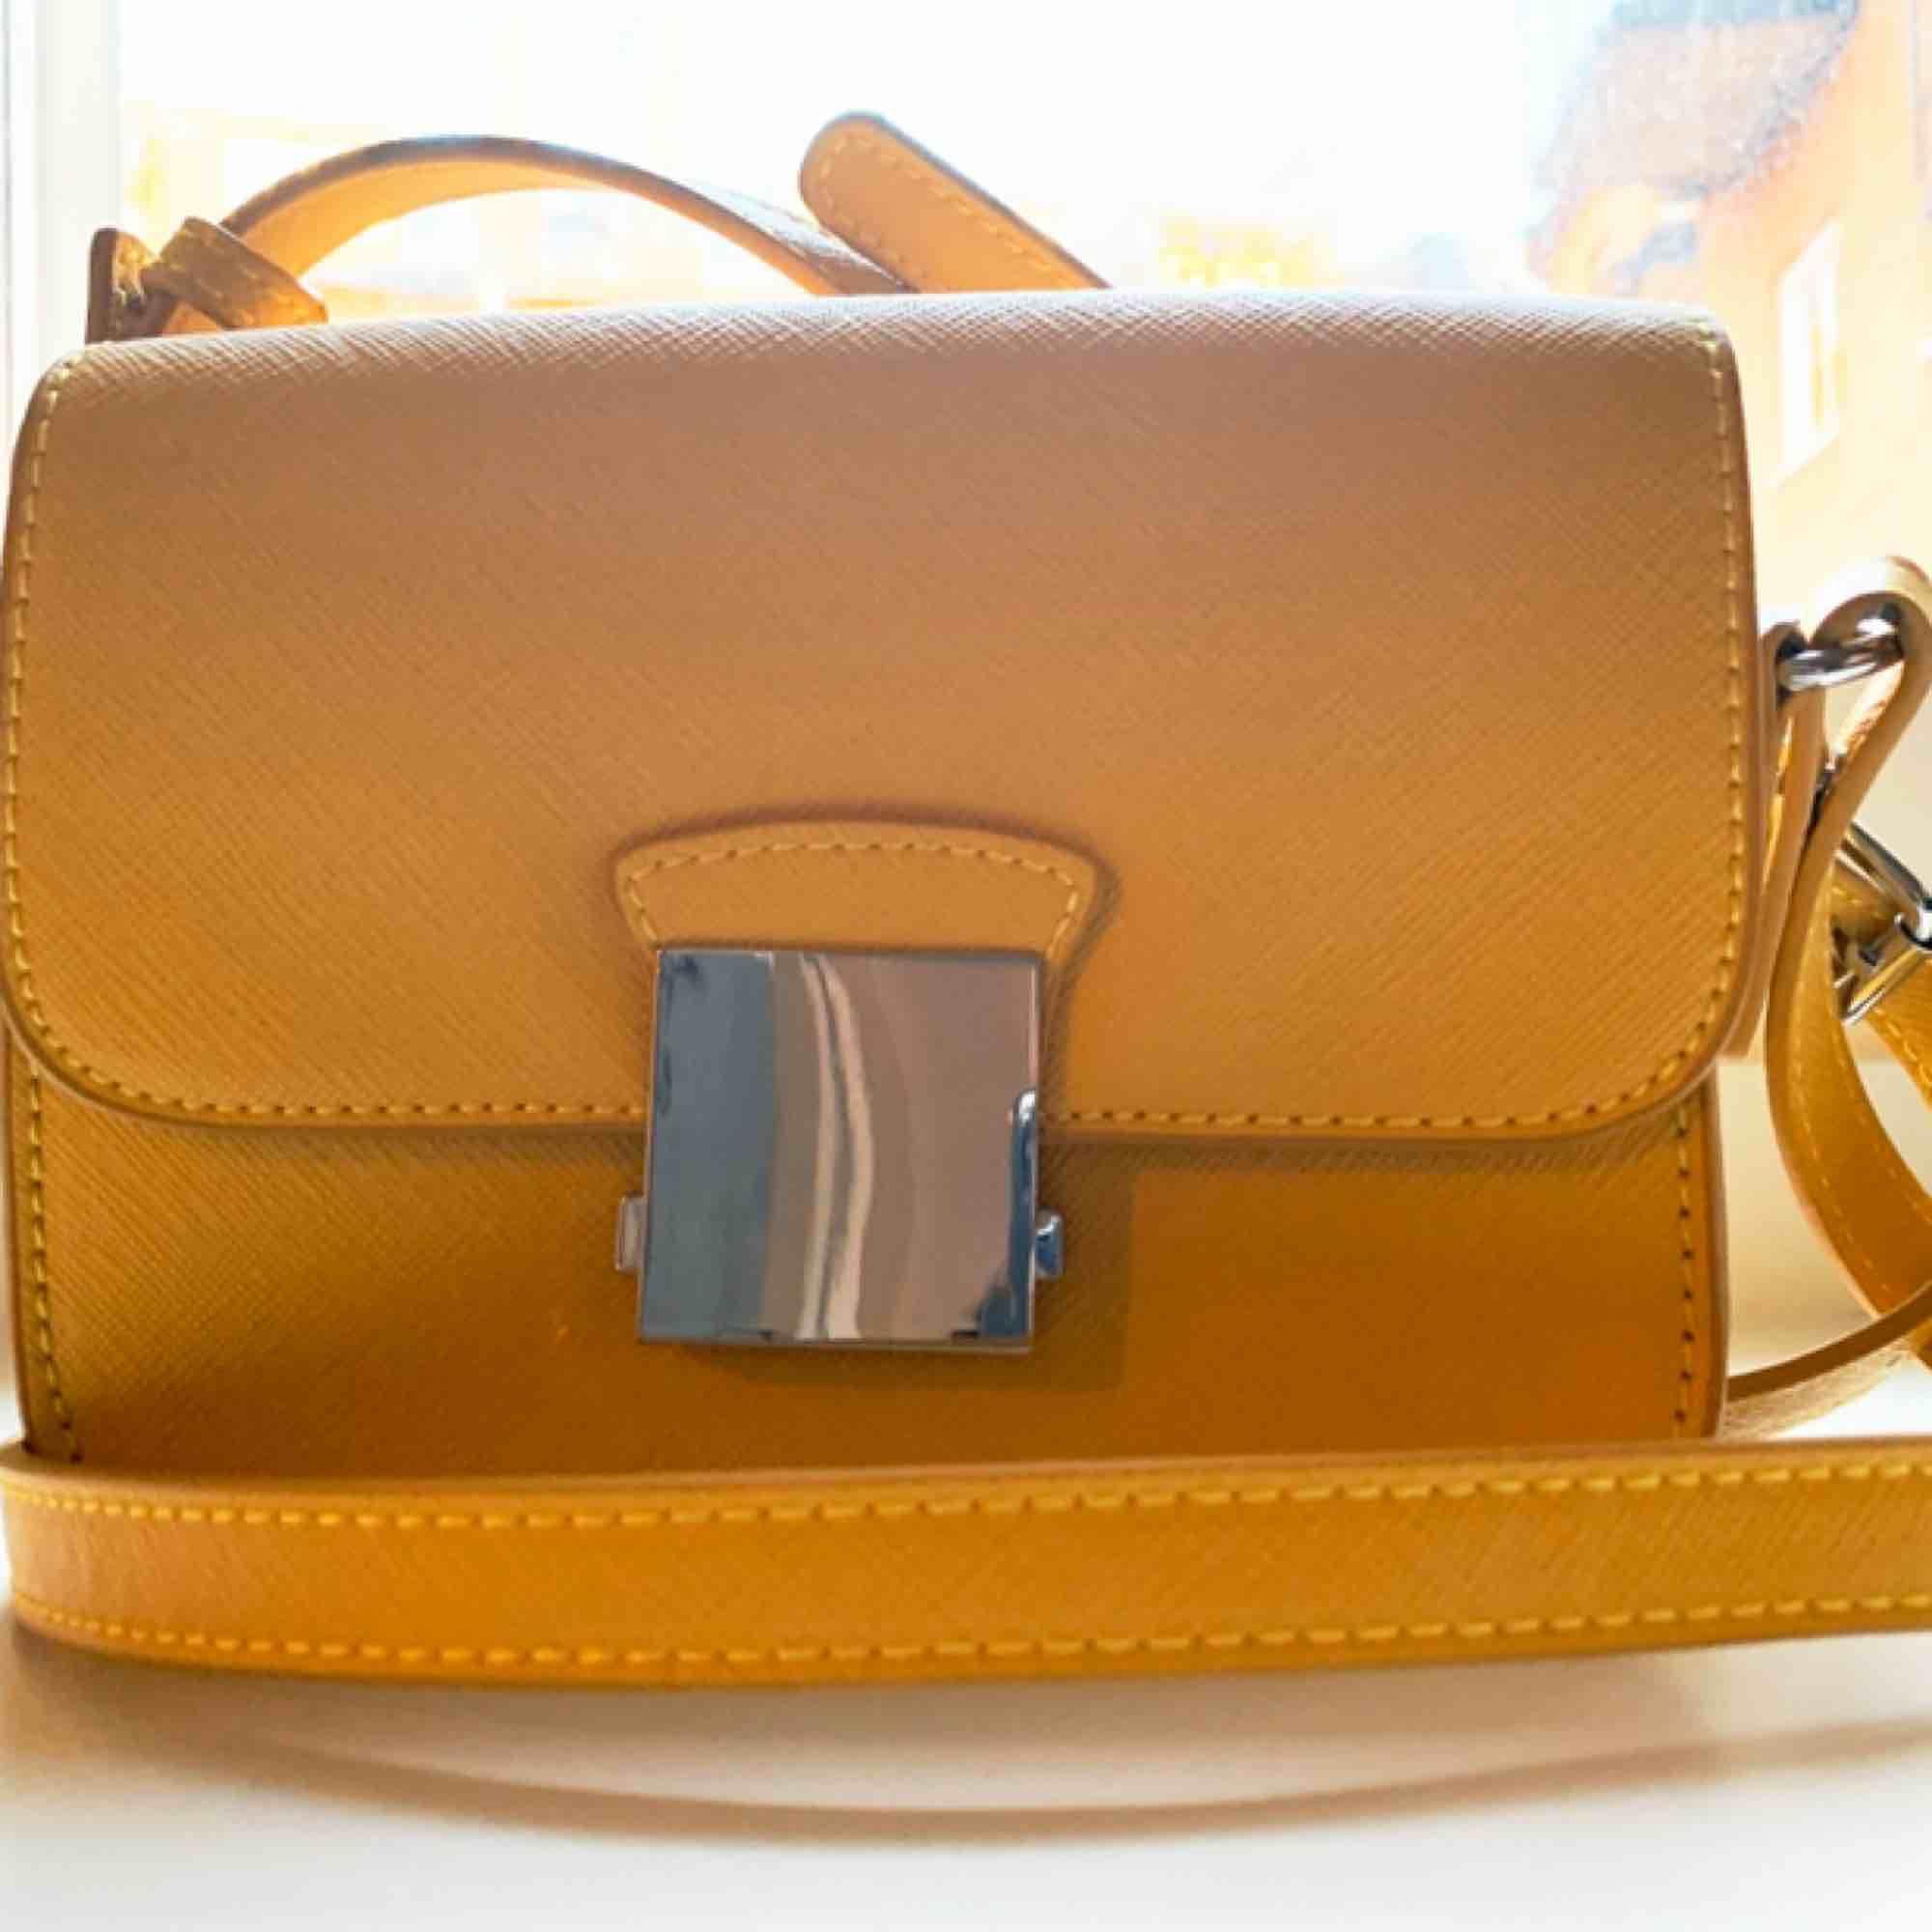 Axelremsväska i en klargul färg, rymmer mobil och det nödvändigaste. Avtagbar axelrem.. Väskor.